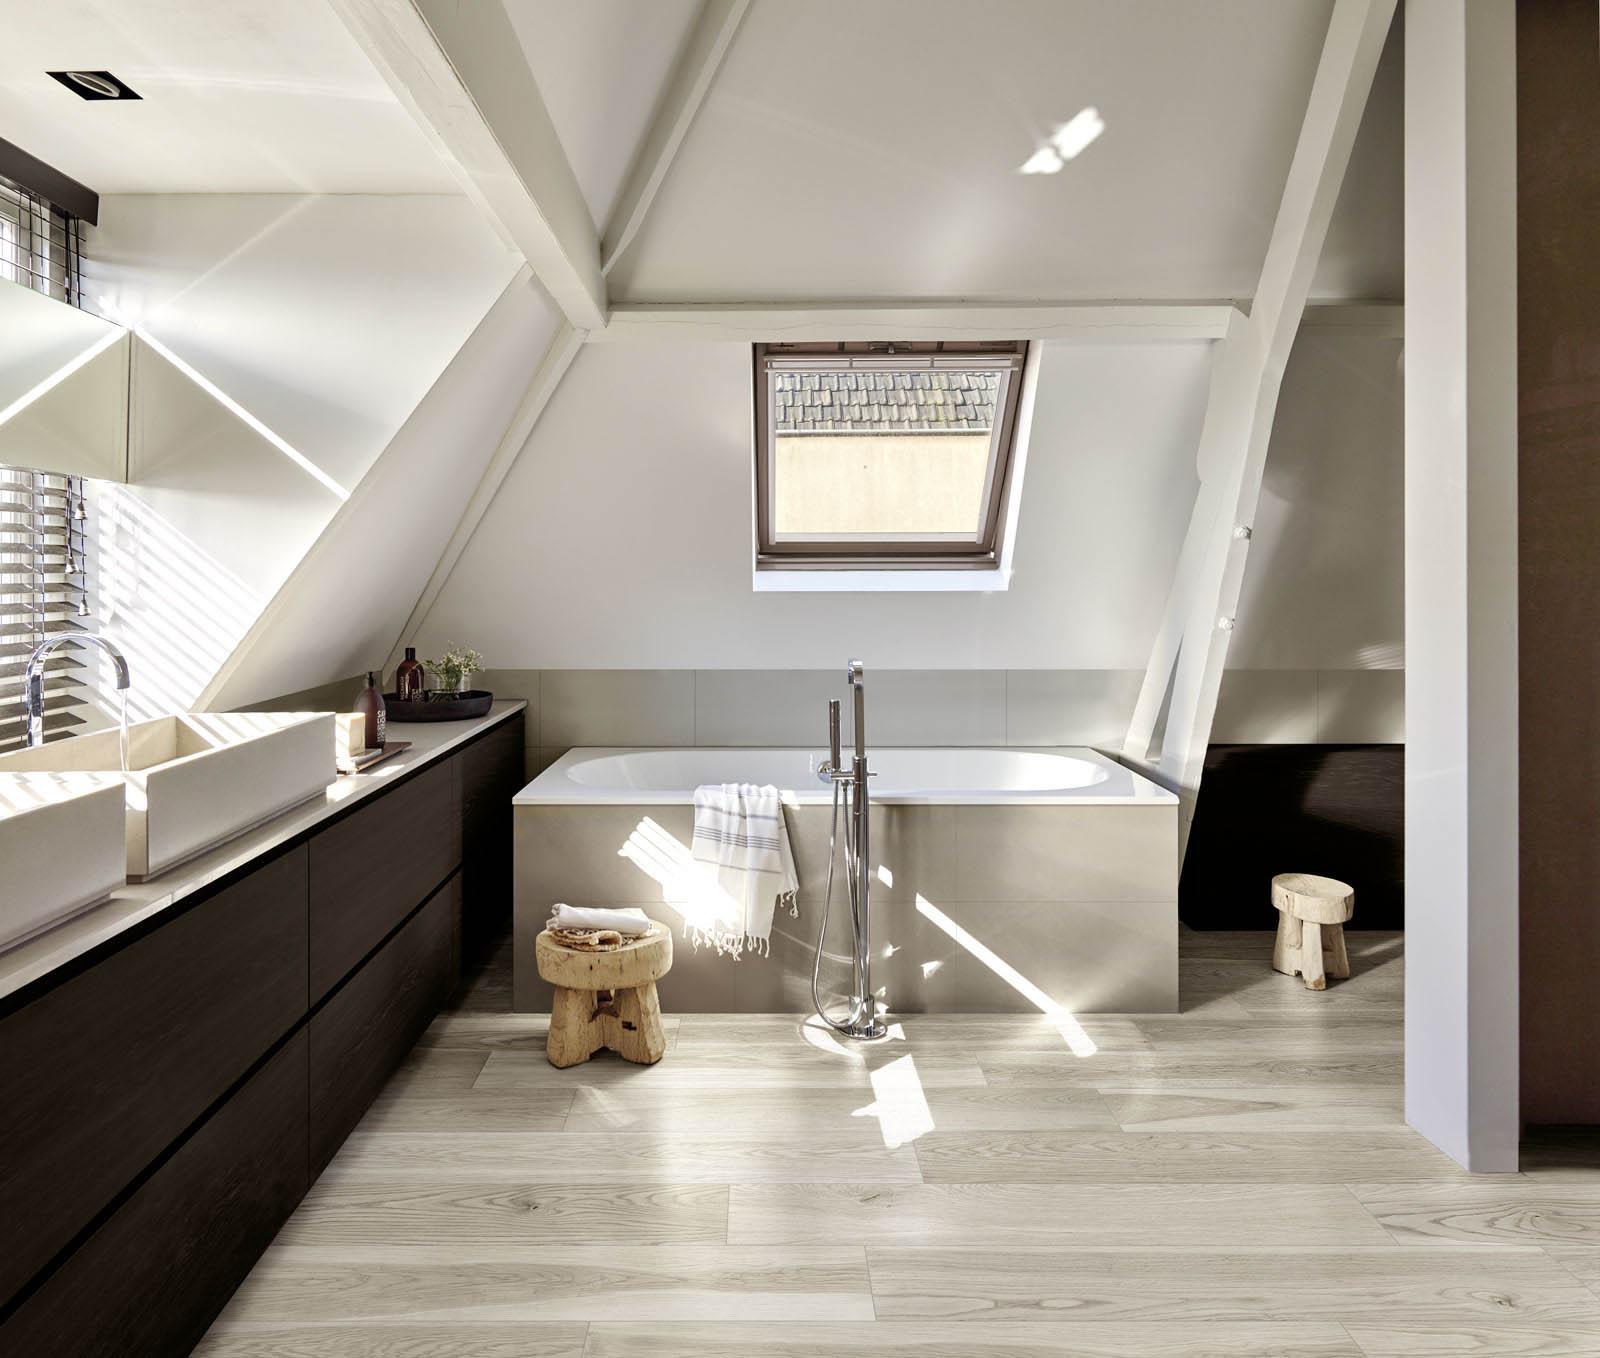 Fliesen bad  Fliesen für das Bad | Marazzi